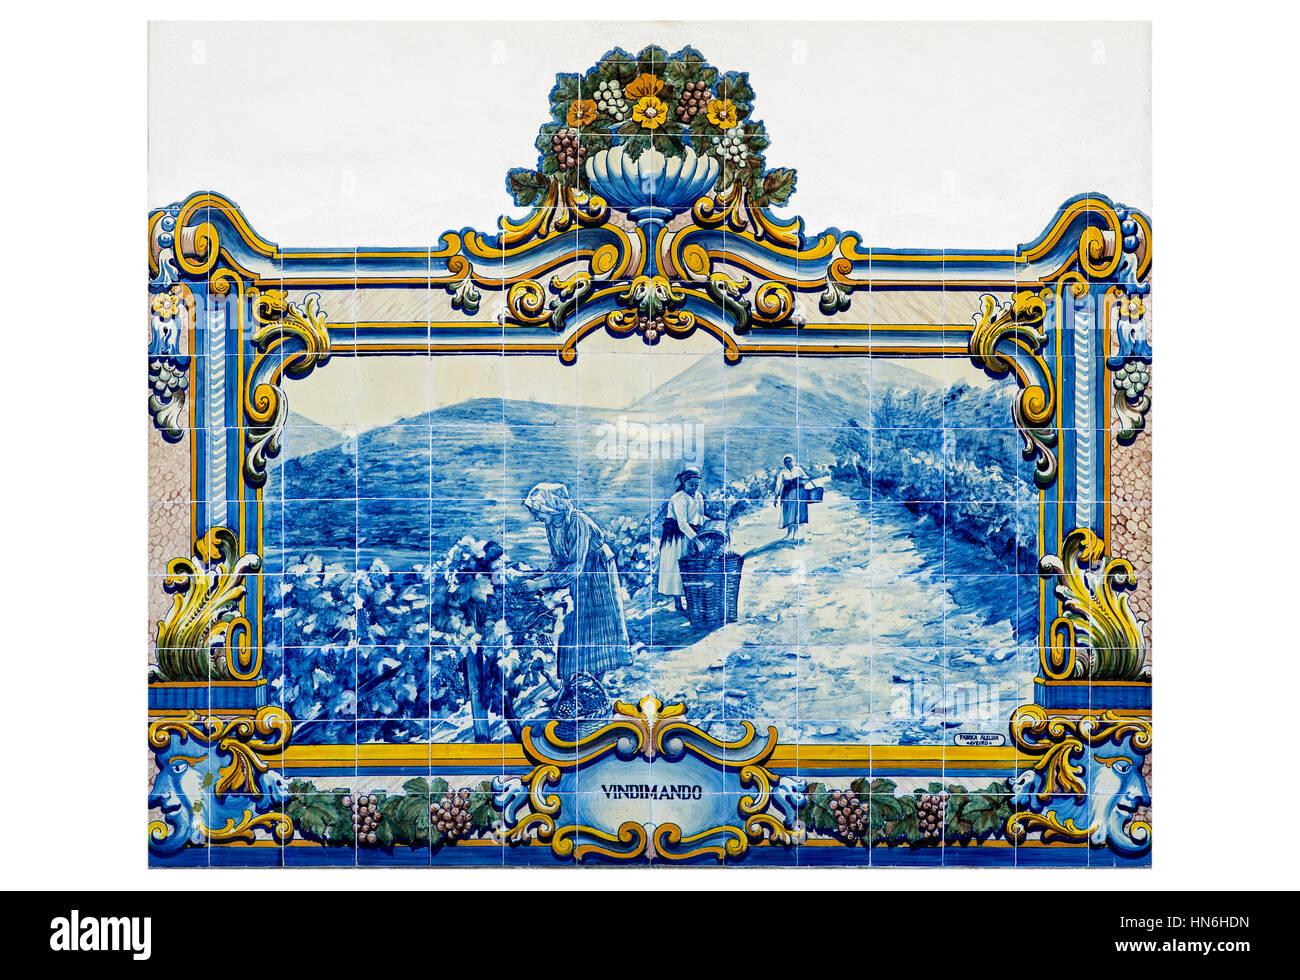 Azulejo, piastrelle di ceramica con la vendemmia motif, Regione dei Vini di Alto Douro, Pinhao, Portogallo Immagini Stock